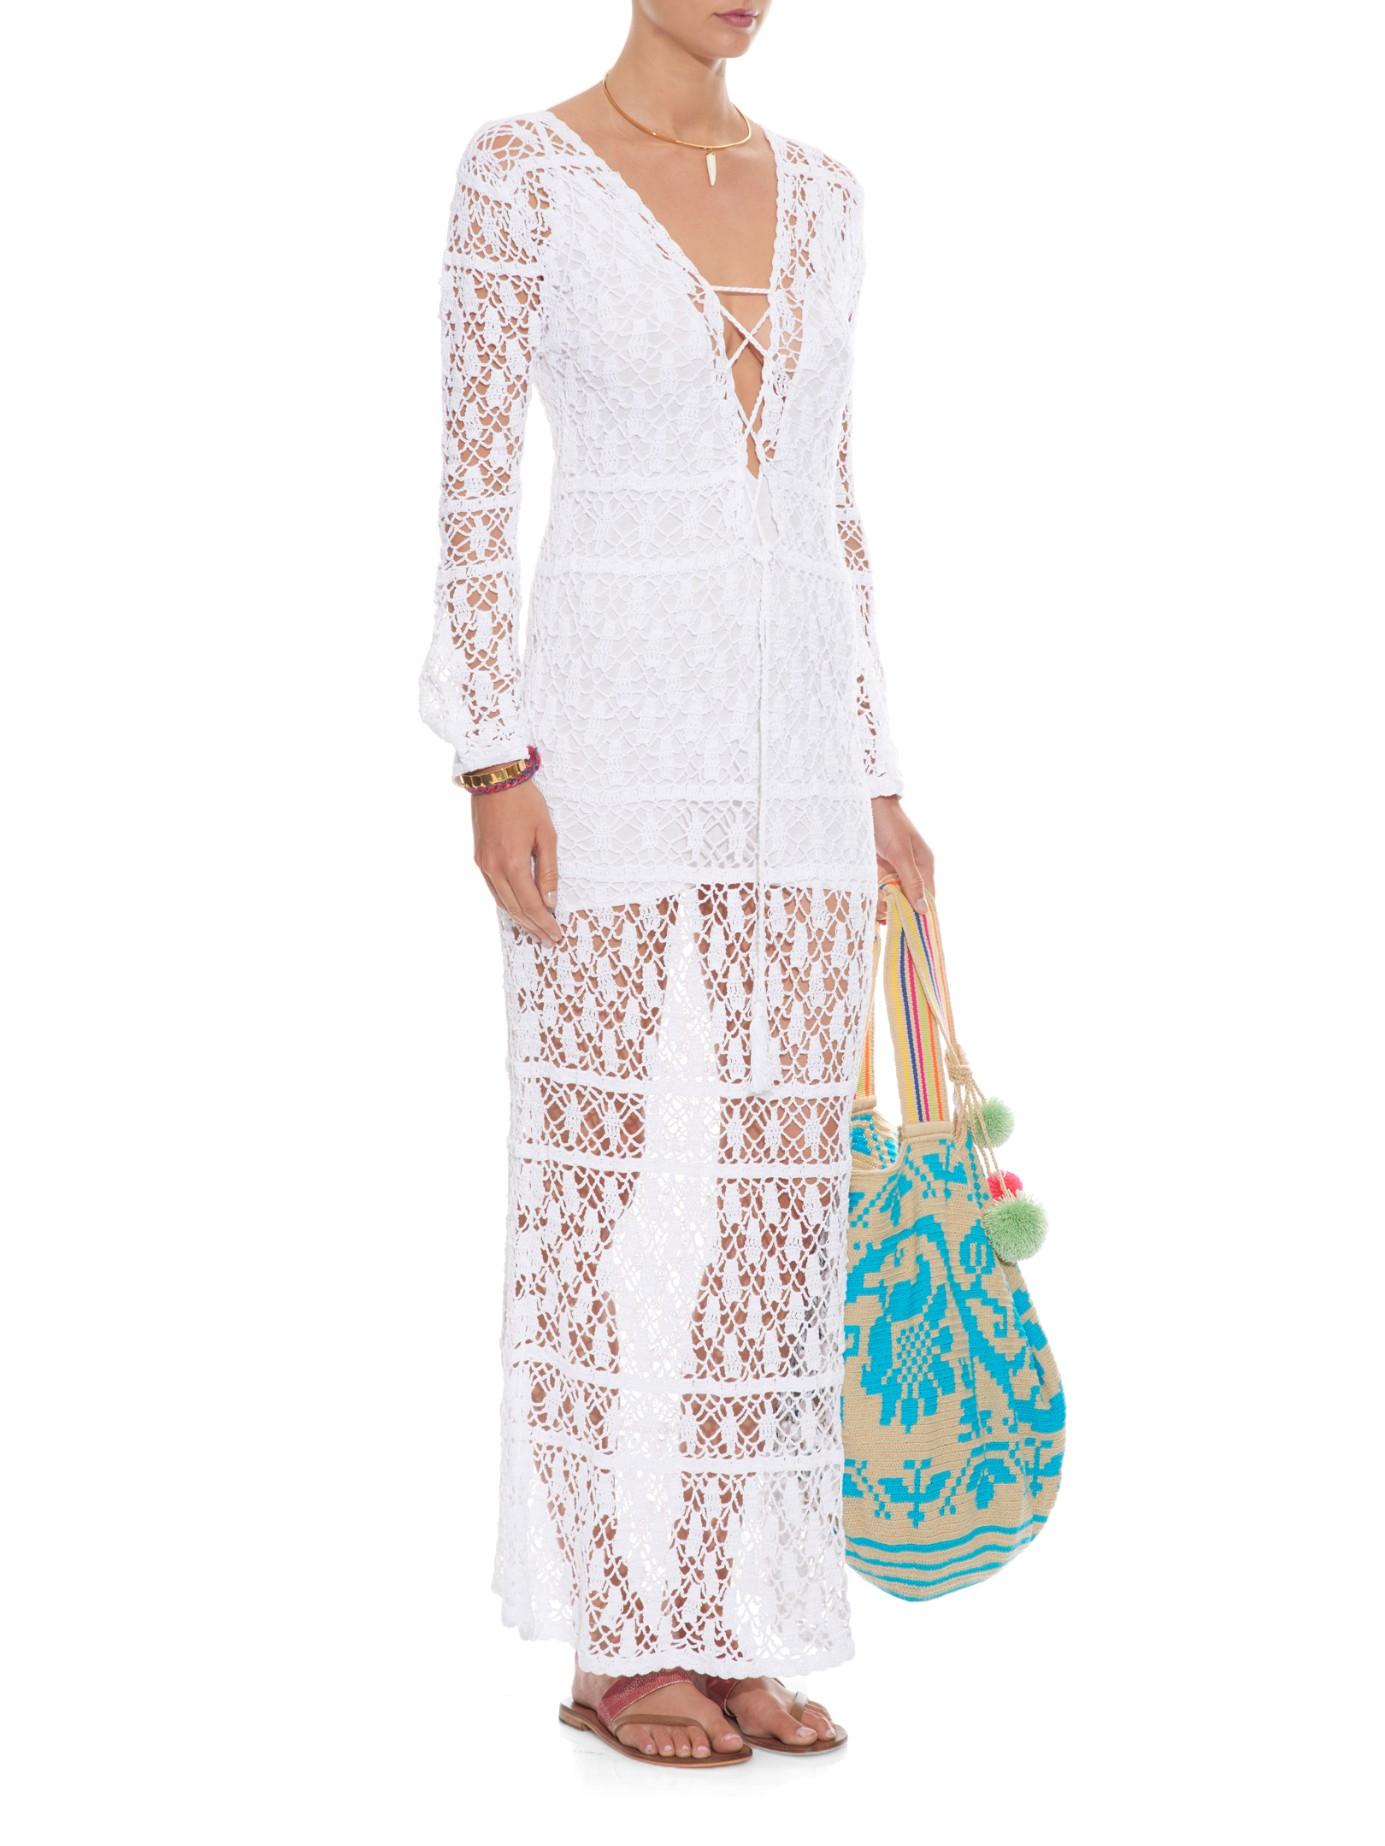 Marsala crochet maxi dress Anna Kosturova 9uh8Pm4